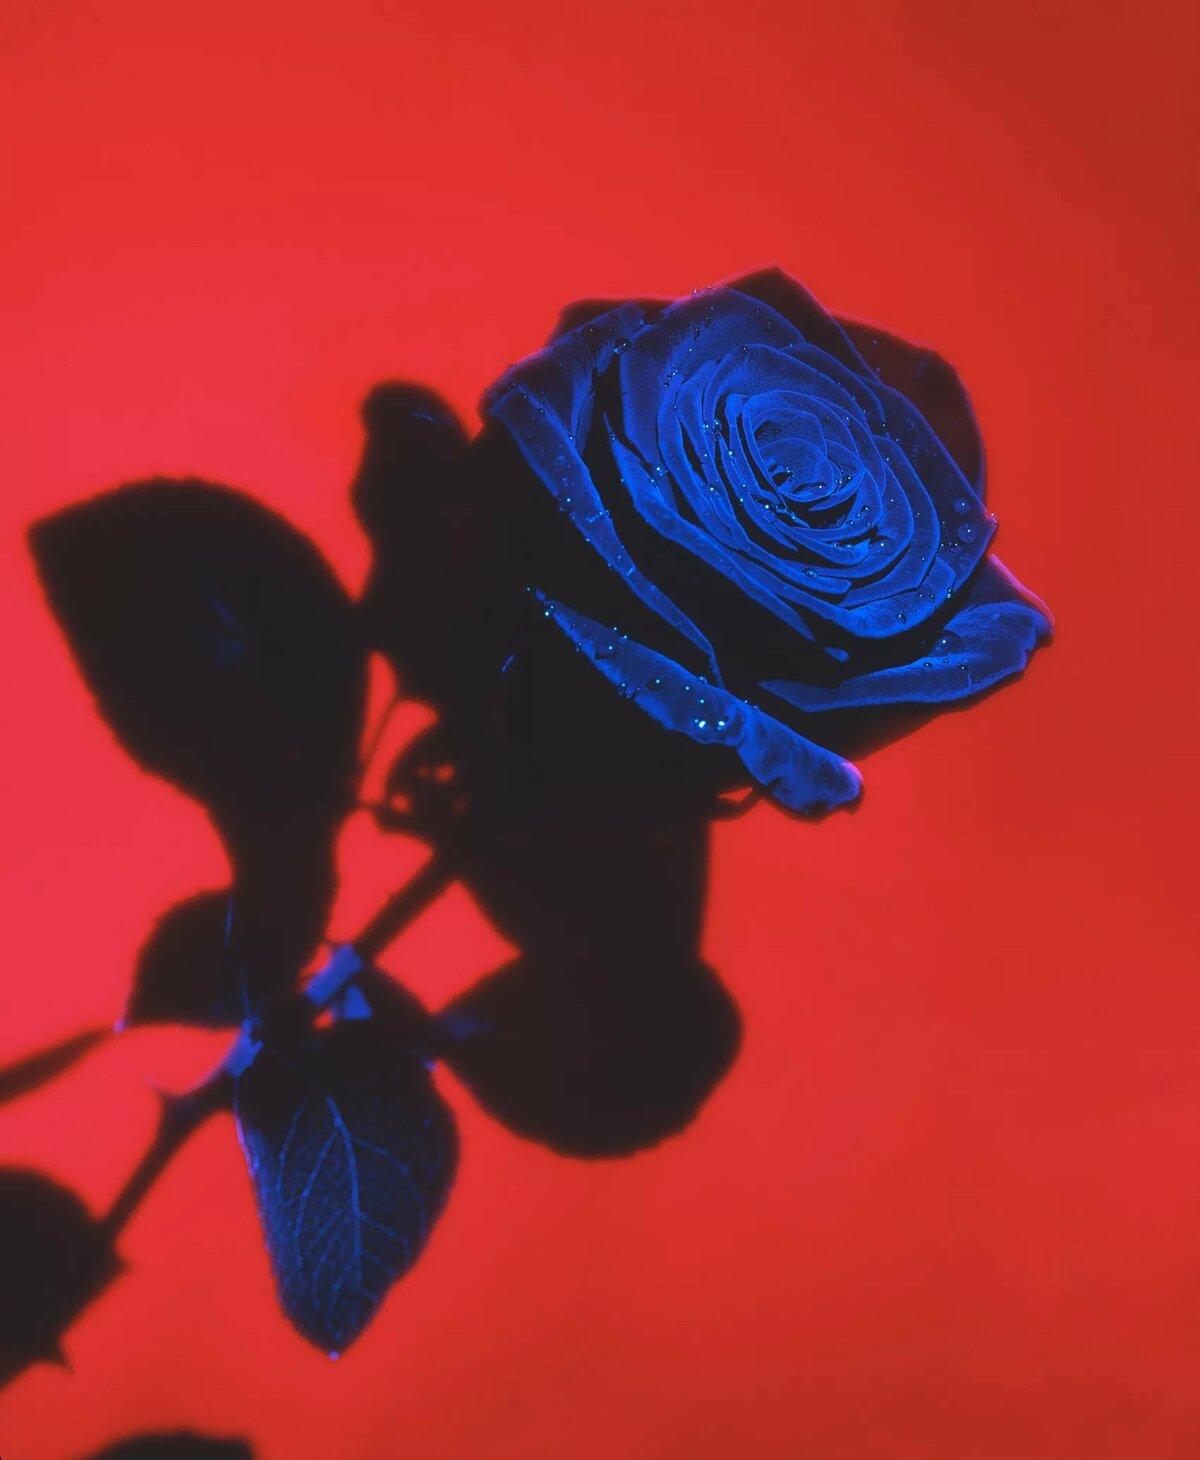 цветов фактур картинки в красно синей гамме был основной фигурой